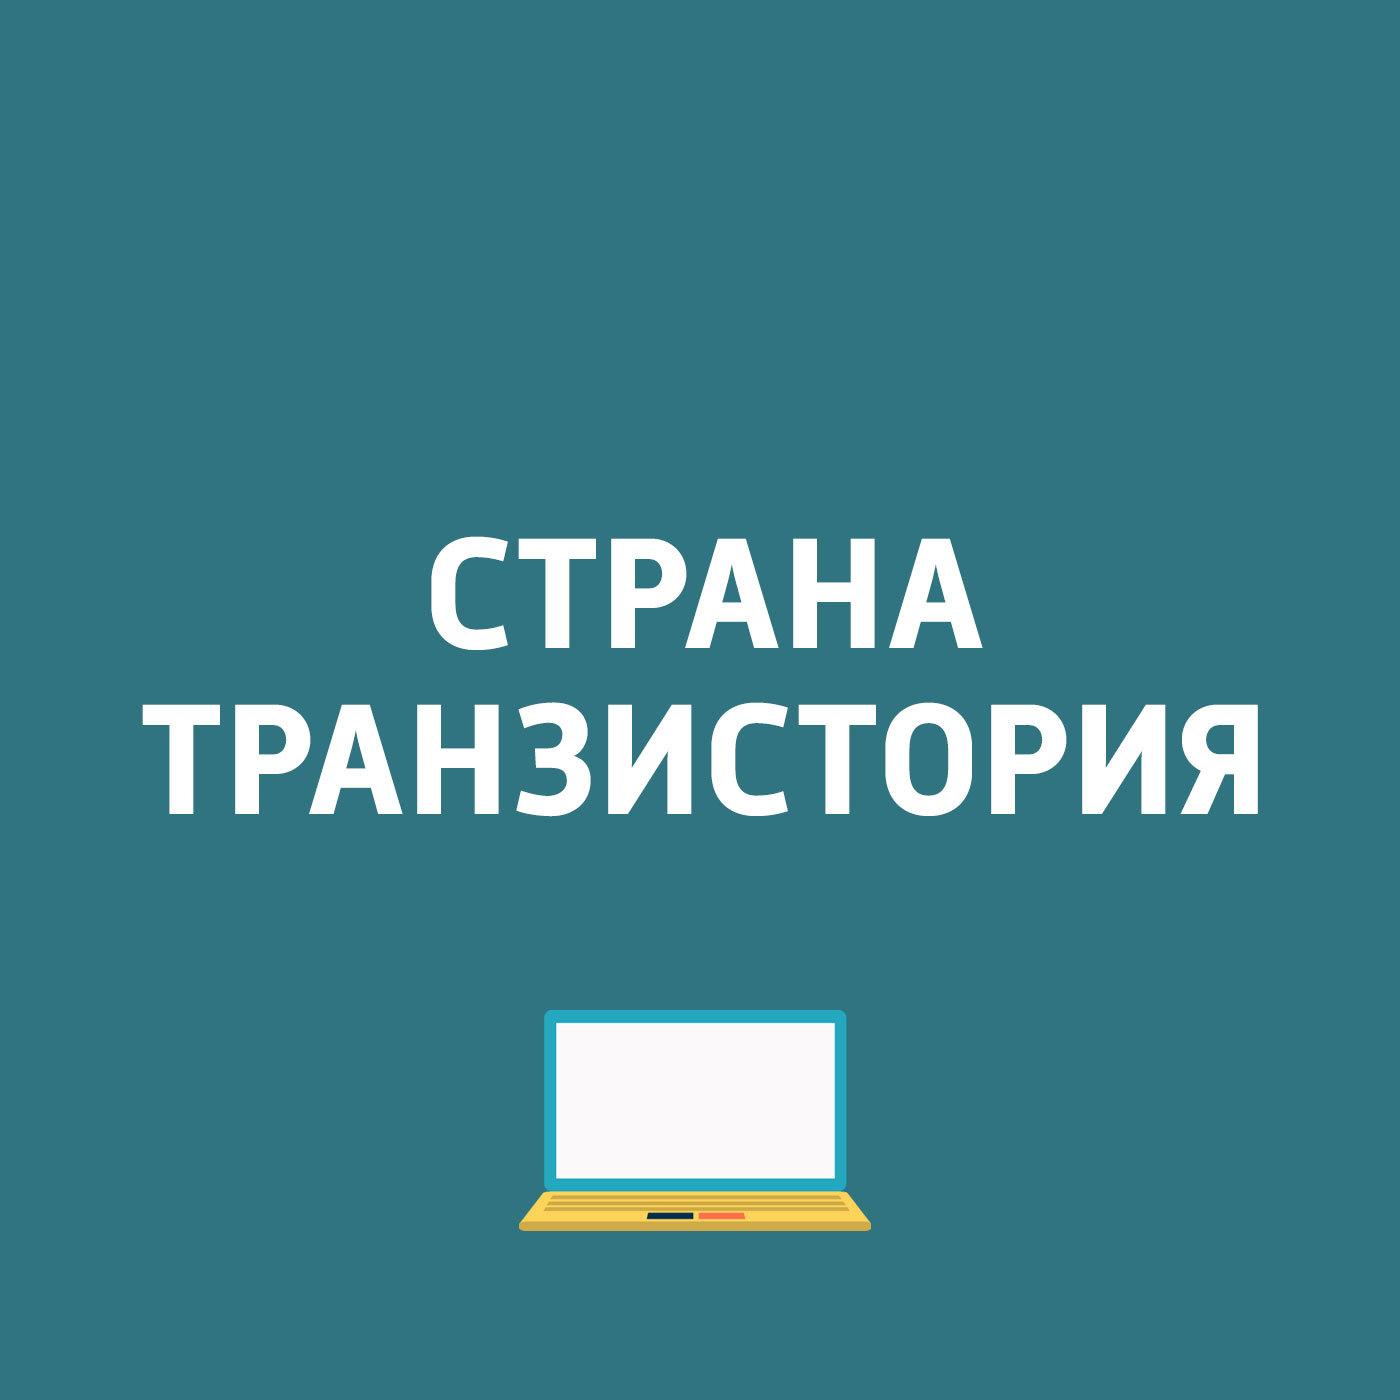 Картаев Павел 11 ноября День холостяка; Sony Xperia Z3; LG V20 S... картаев павел meizu m5 девять российских банков начали работать с apple pay